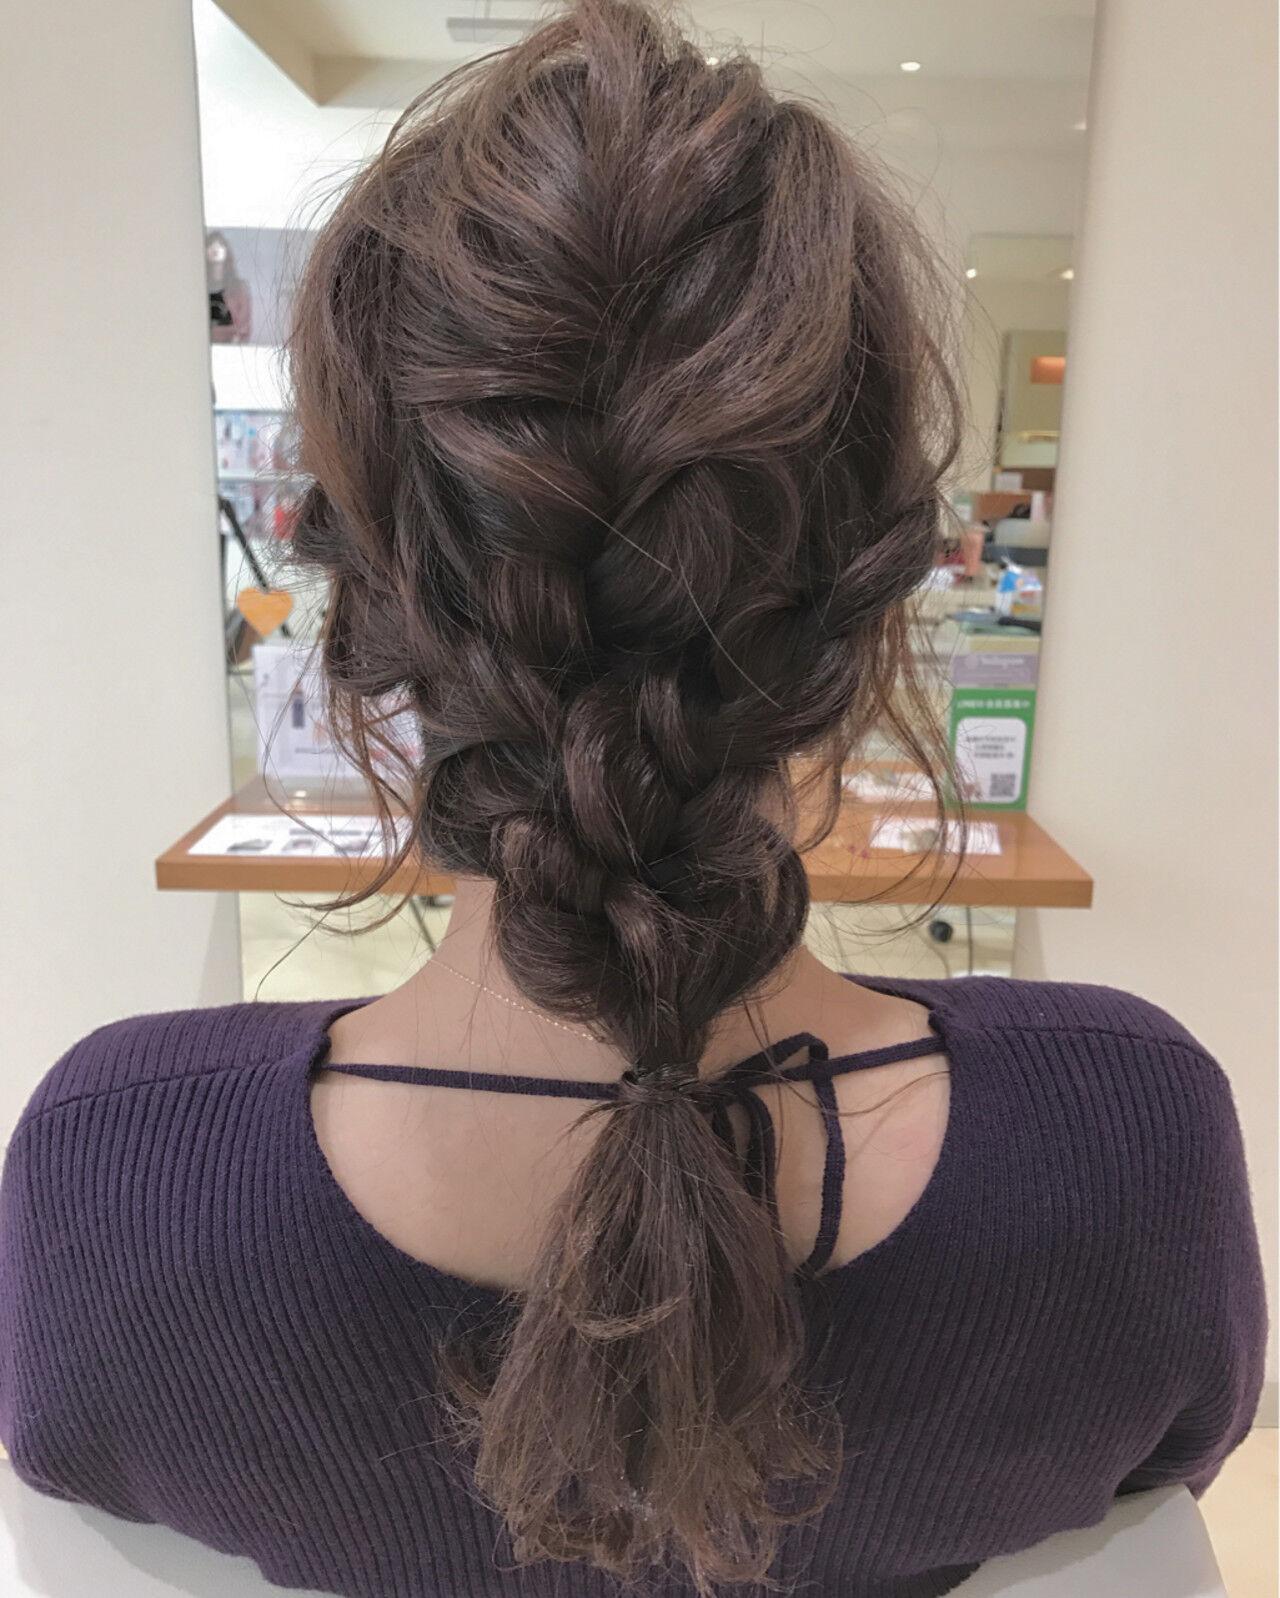 ロング 編み込み 結婚式 ヘアアレンジヘアスタイルや髪型の写真・画像